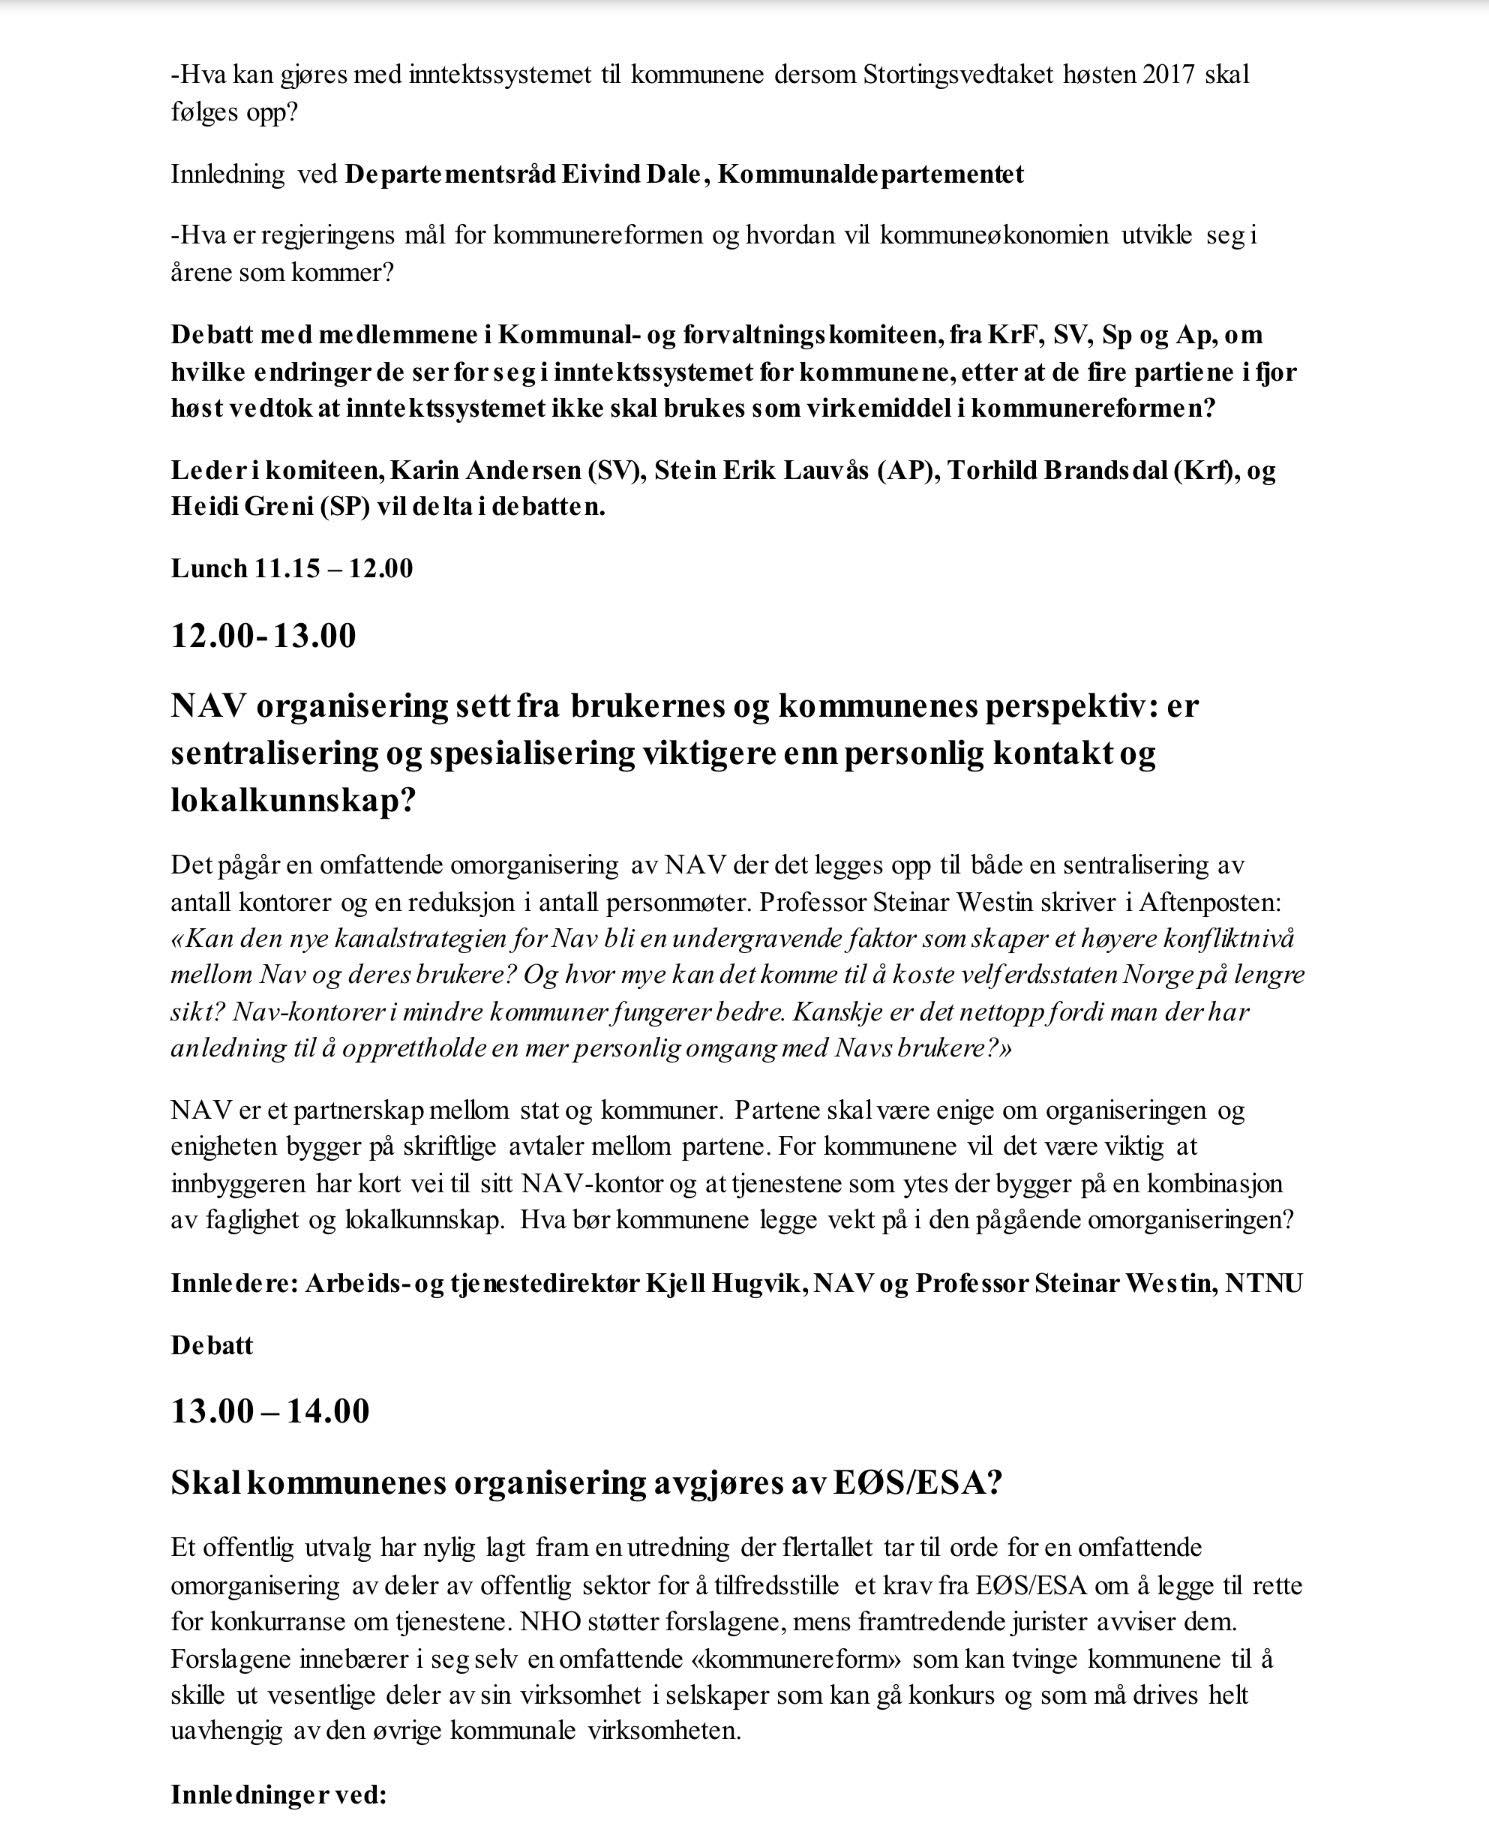 LSF2 - Program: Reformene som sentraliserer Norge! Gardermoen 7. mai 2018